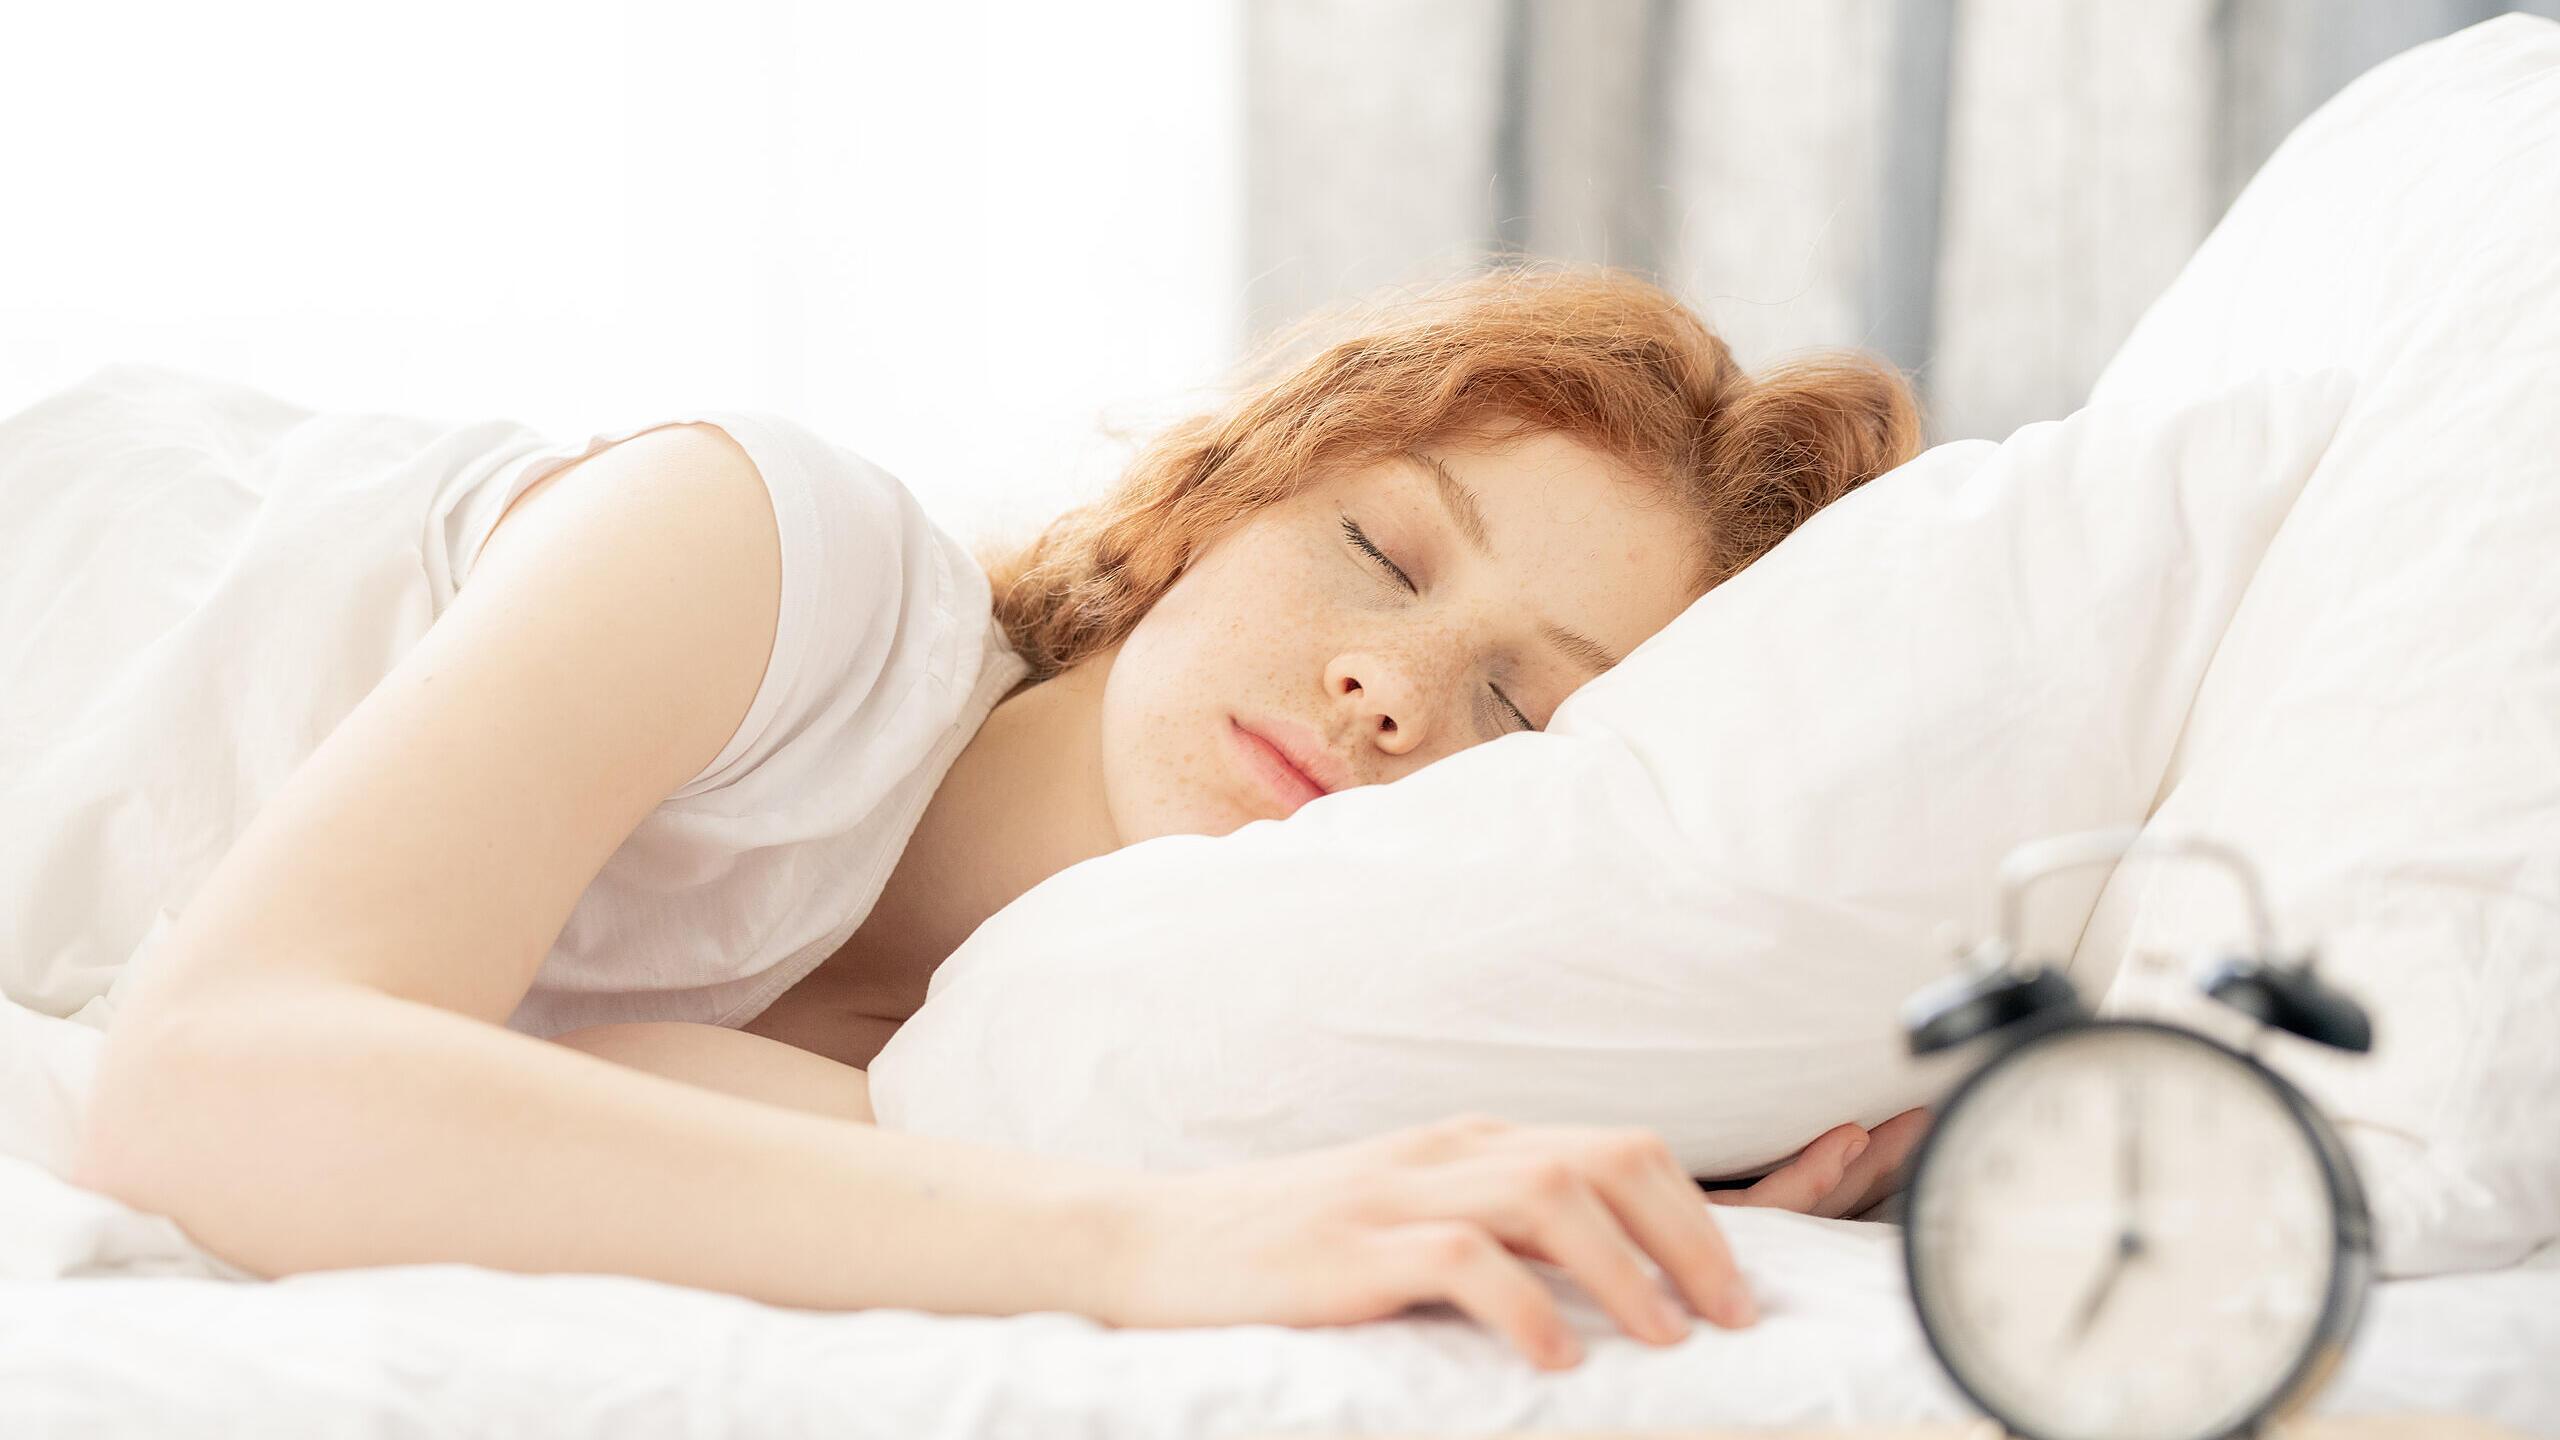 Здоровый сон: как это и что для него нужно? 14